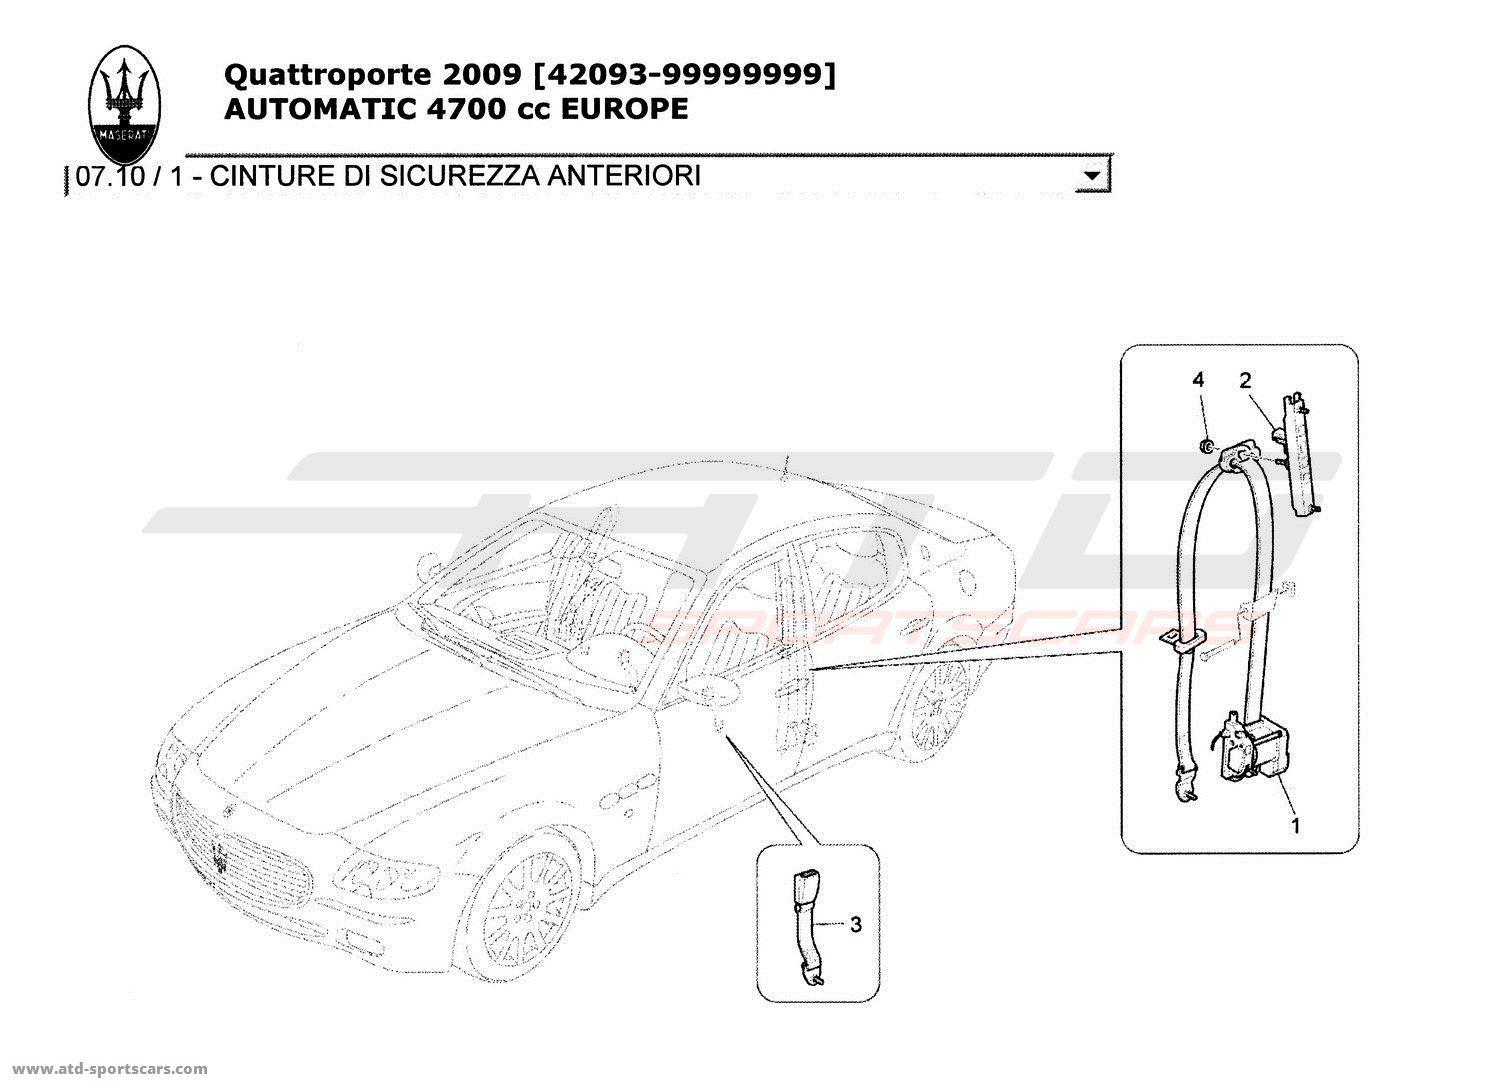 Maserati Quattroporte 4,7L Boite Auto 2009 Body parts at